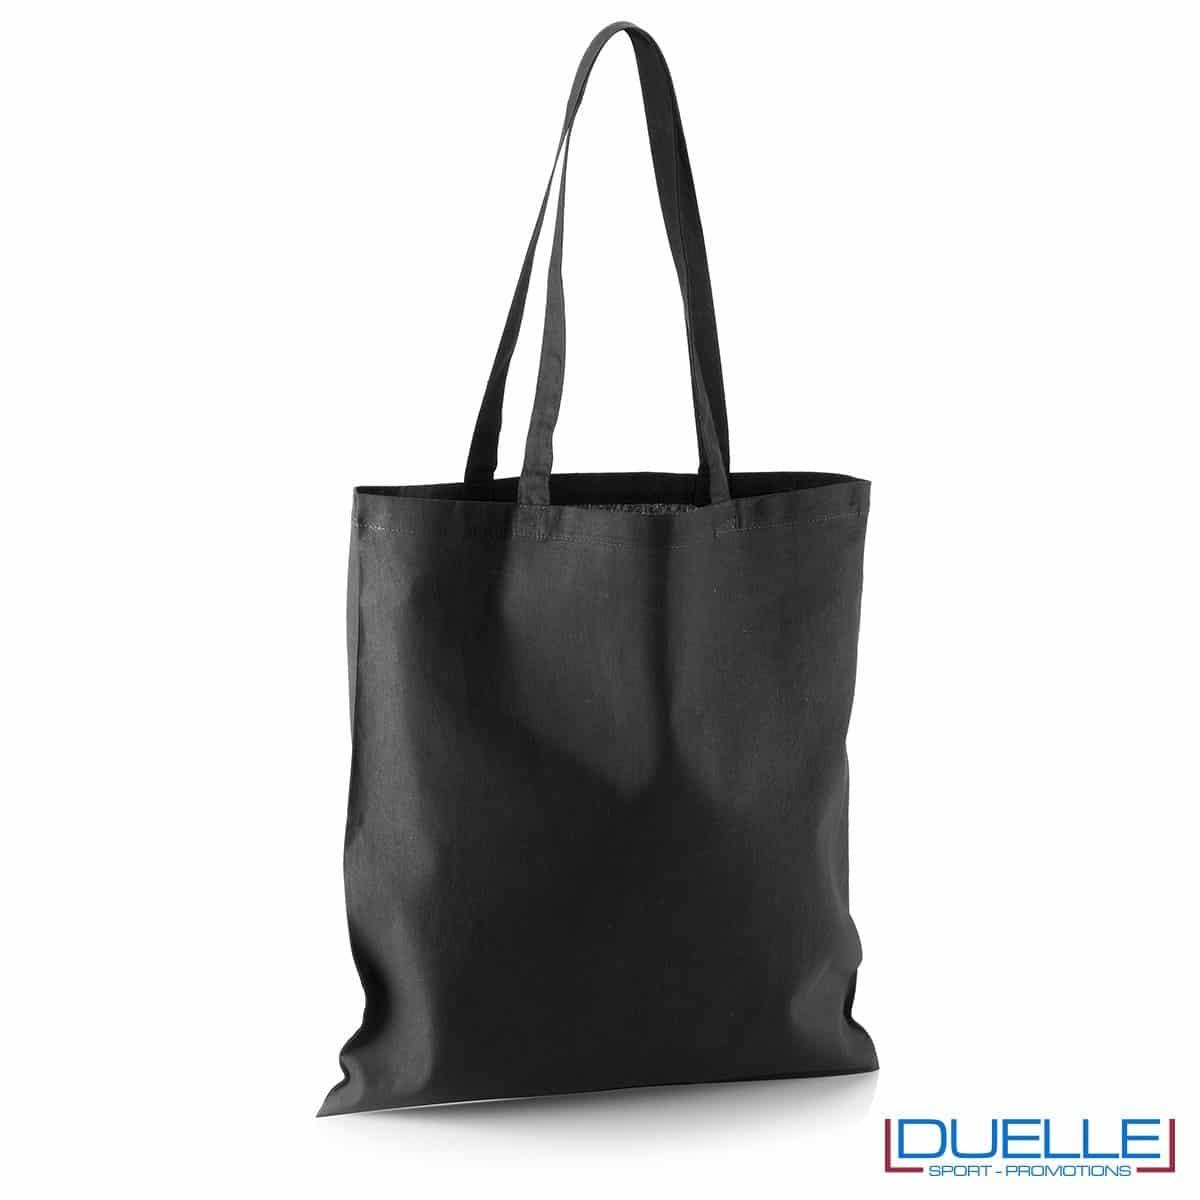 Shopper personalizzata in puro cotone nero